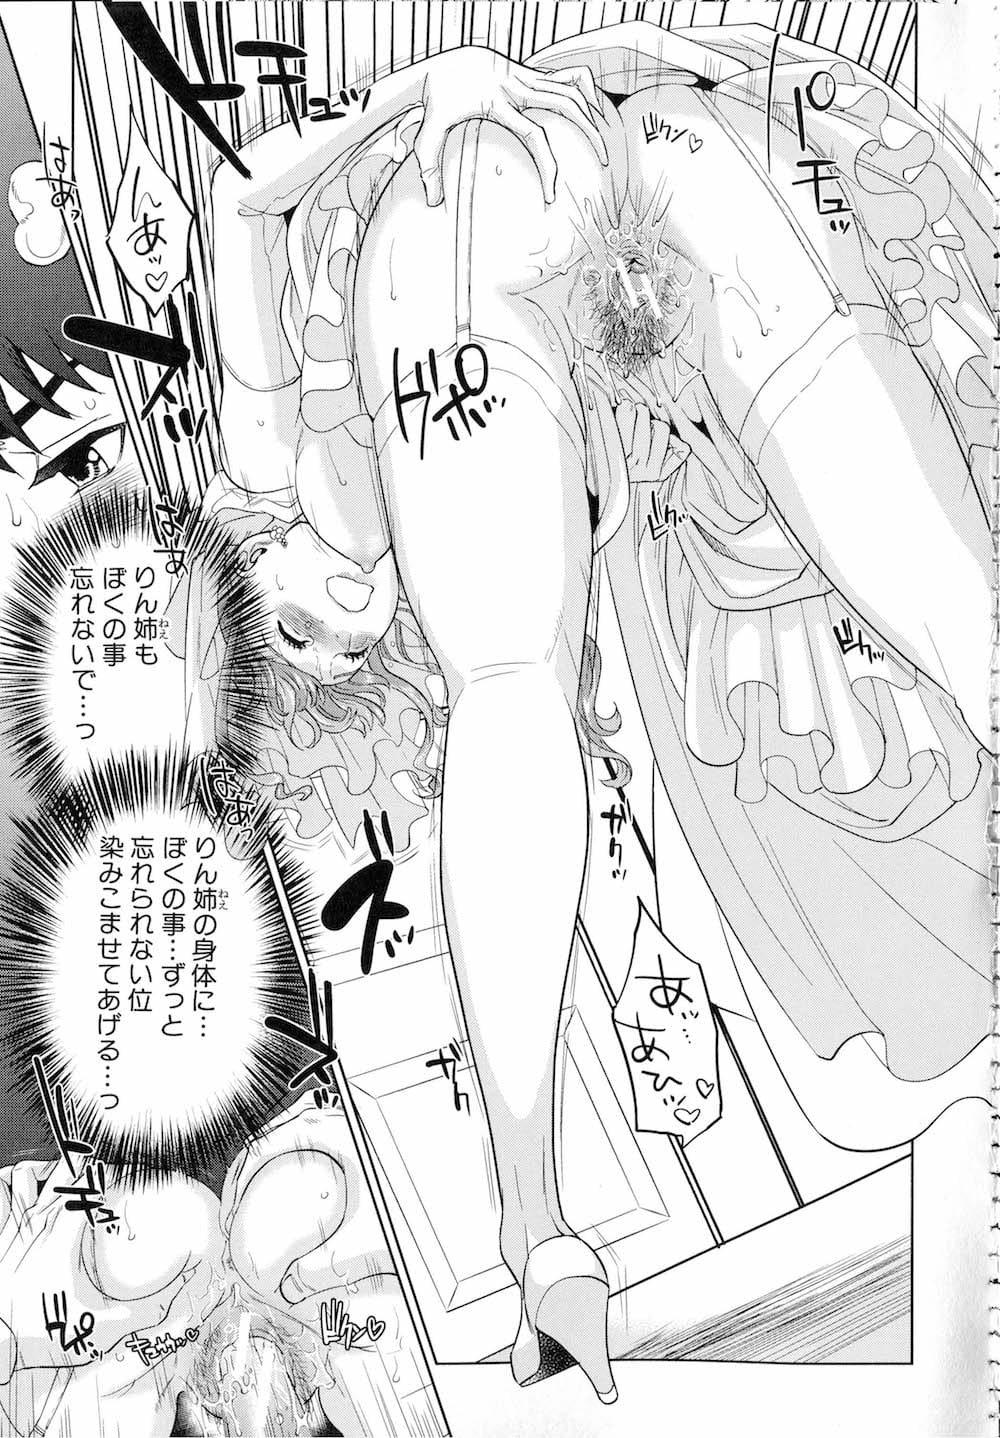 【エロ漫画・同人誌】結婚式直前のウエディングドレス姿の姉とセックスした弟が家でもうひとりの姉も犯すwww 009